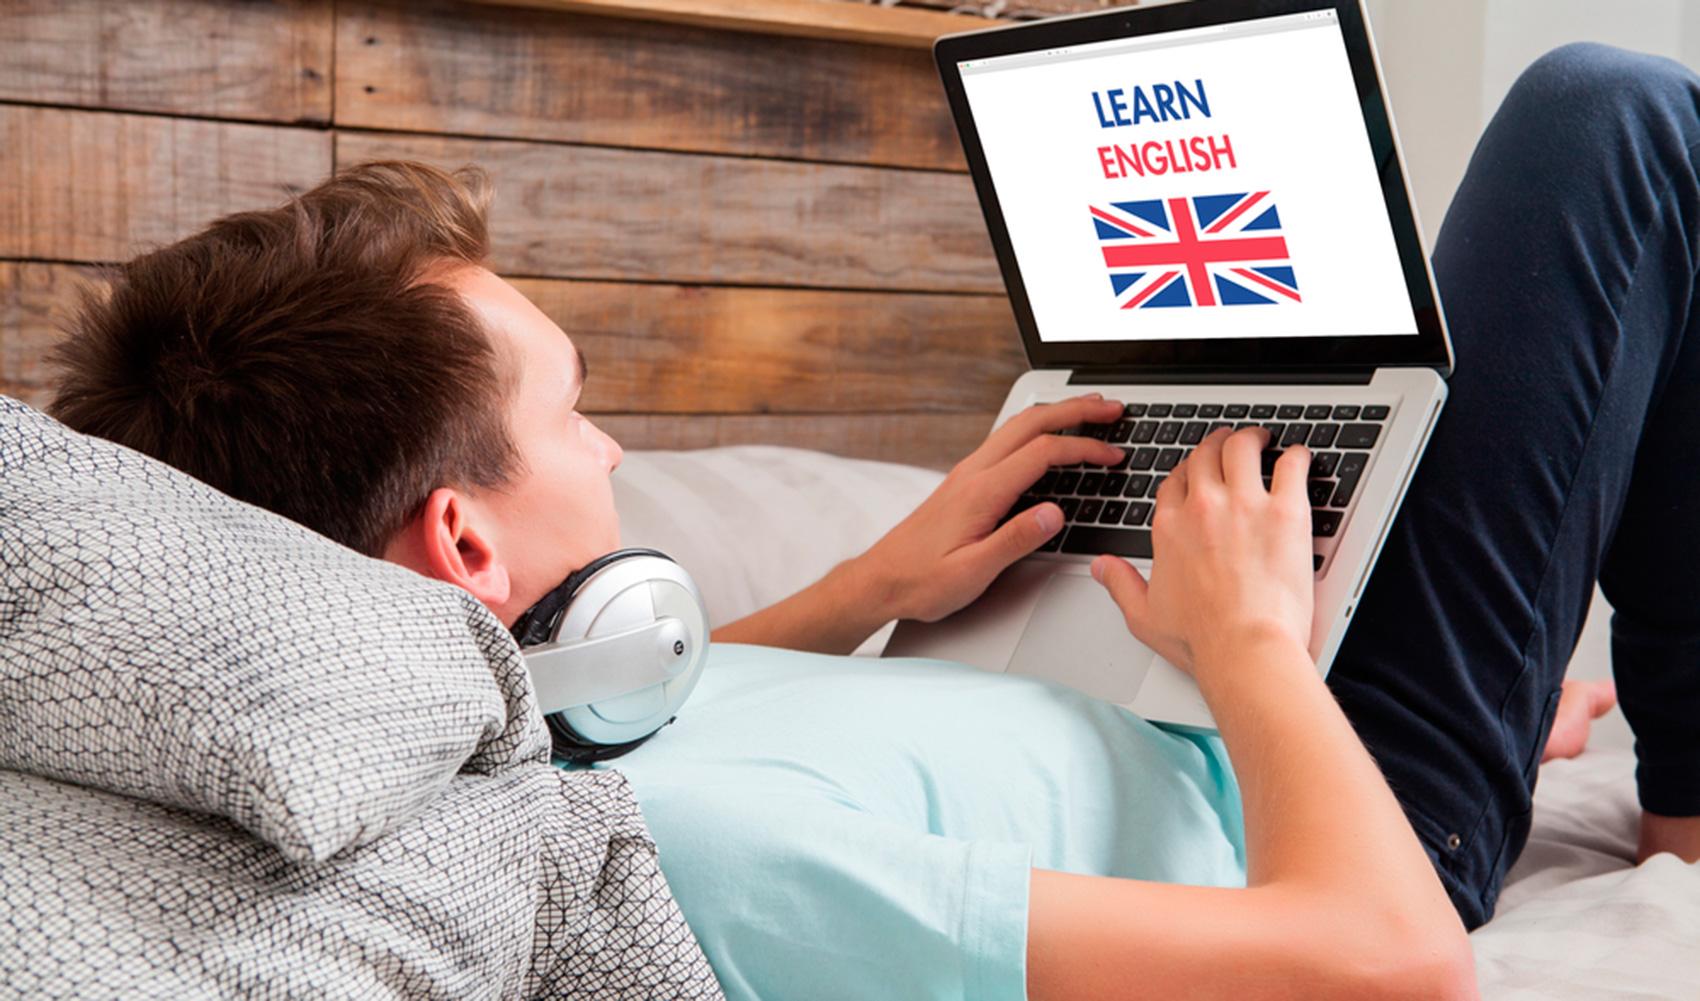 Inglés desde casa para poder obtener tu certificado APTIS